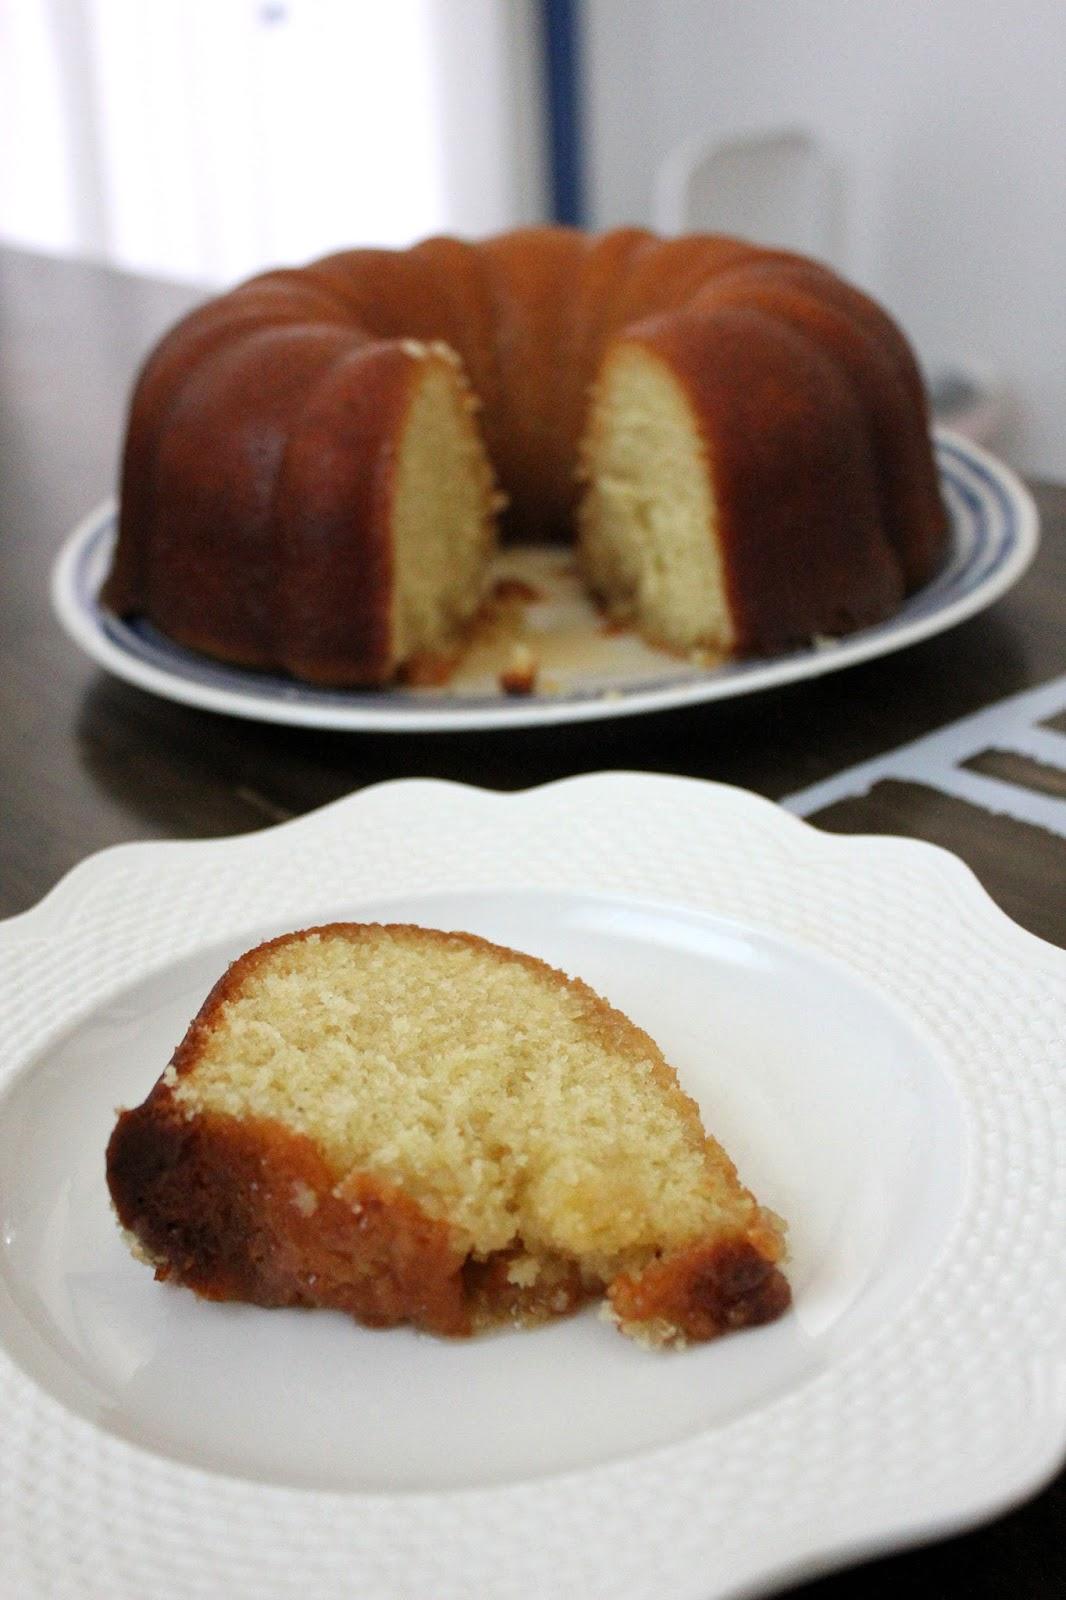 Recipe for Kentucky Butter Cake by freshfromthe.com